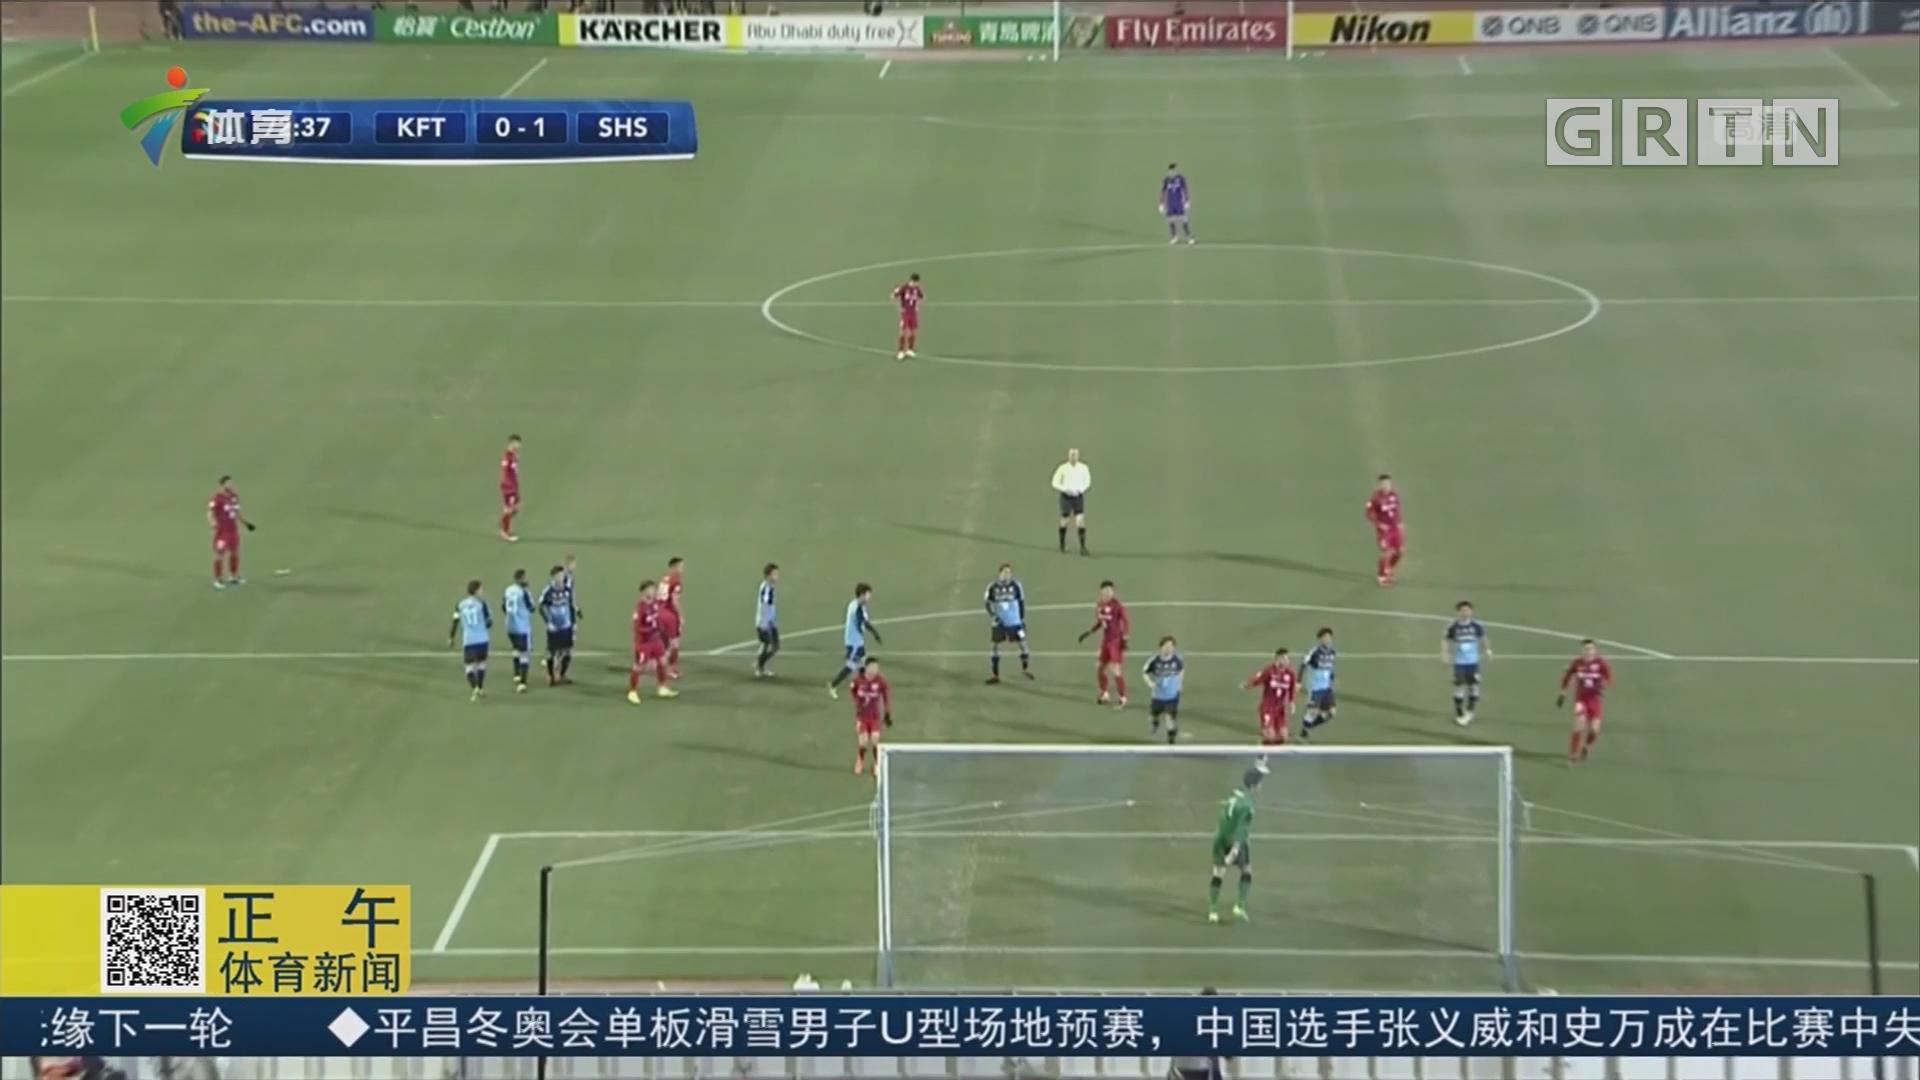 埃尔克森一锤定音 上港客场1球小胜川崎前锋